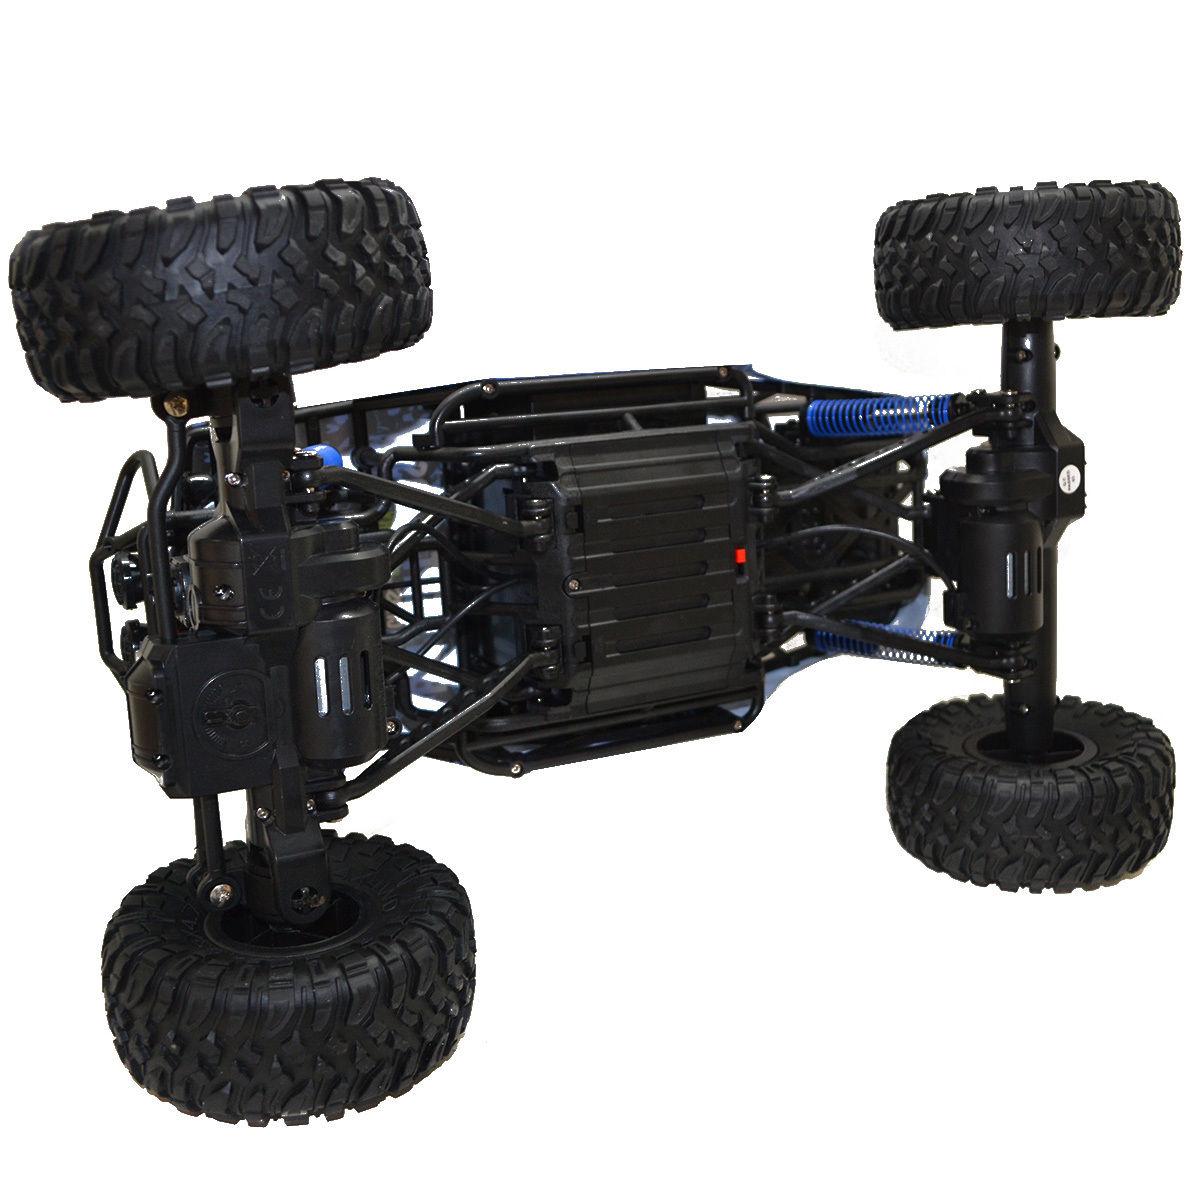 Xe Điều Khiển Địa Hình Rock Crawler HB-P1002 4WD Rally Car